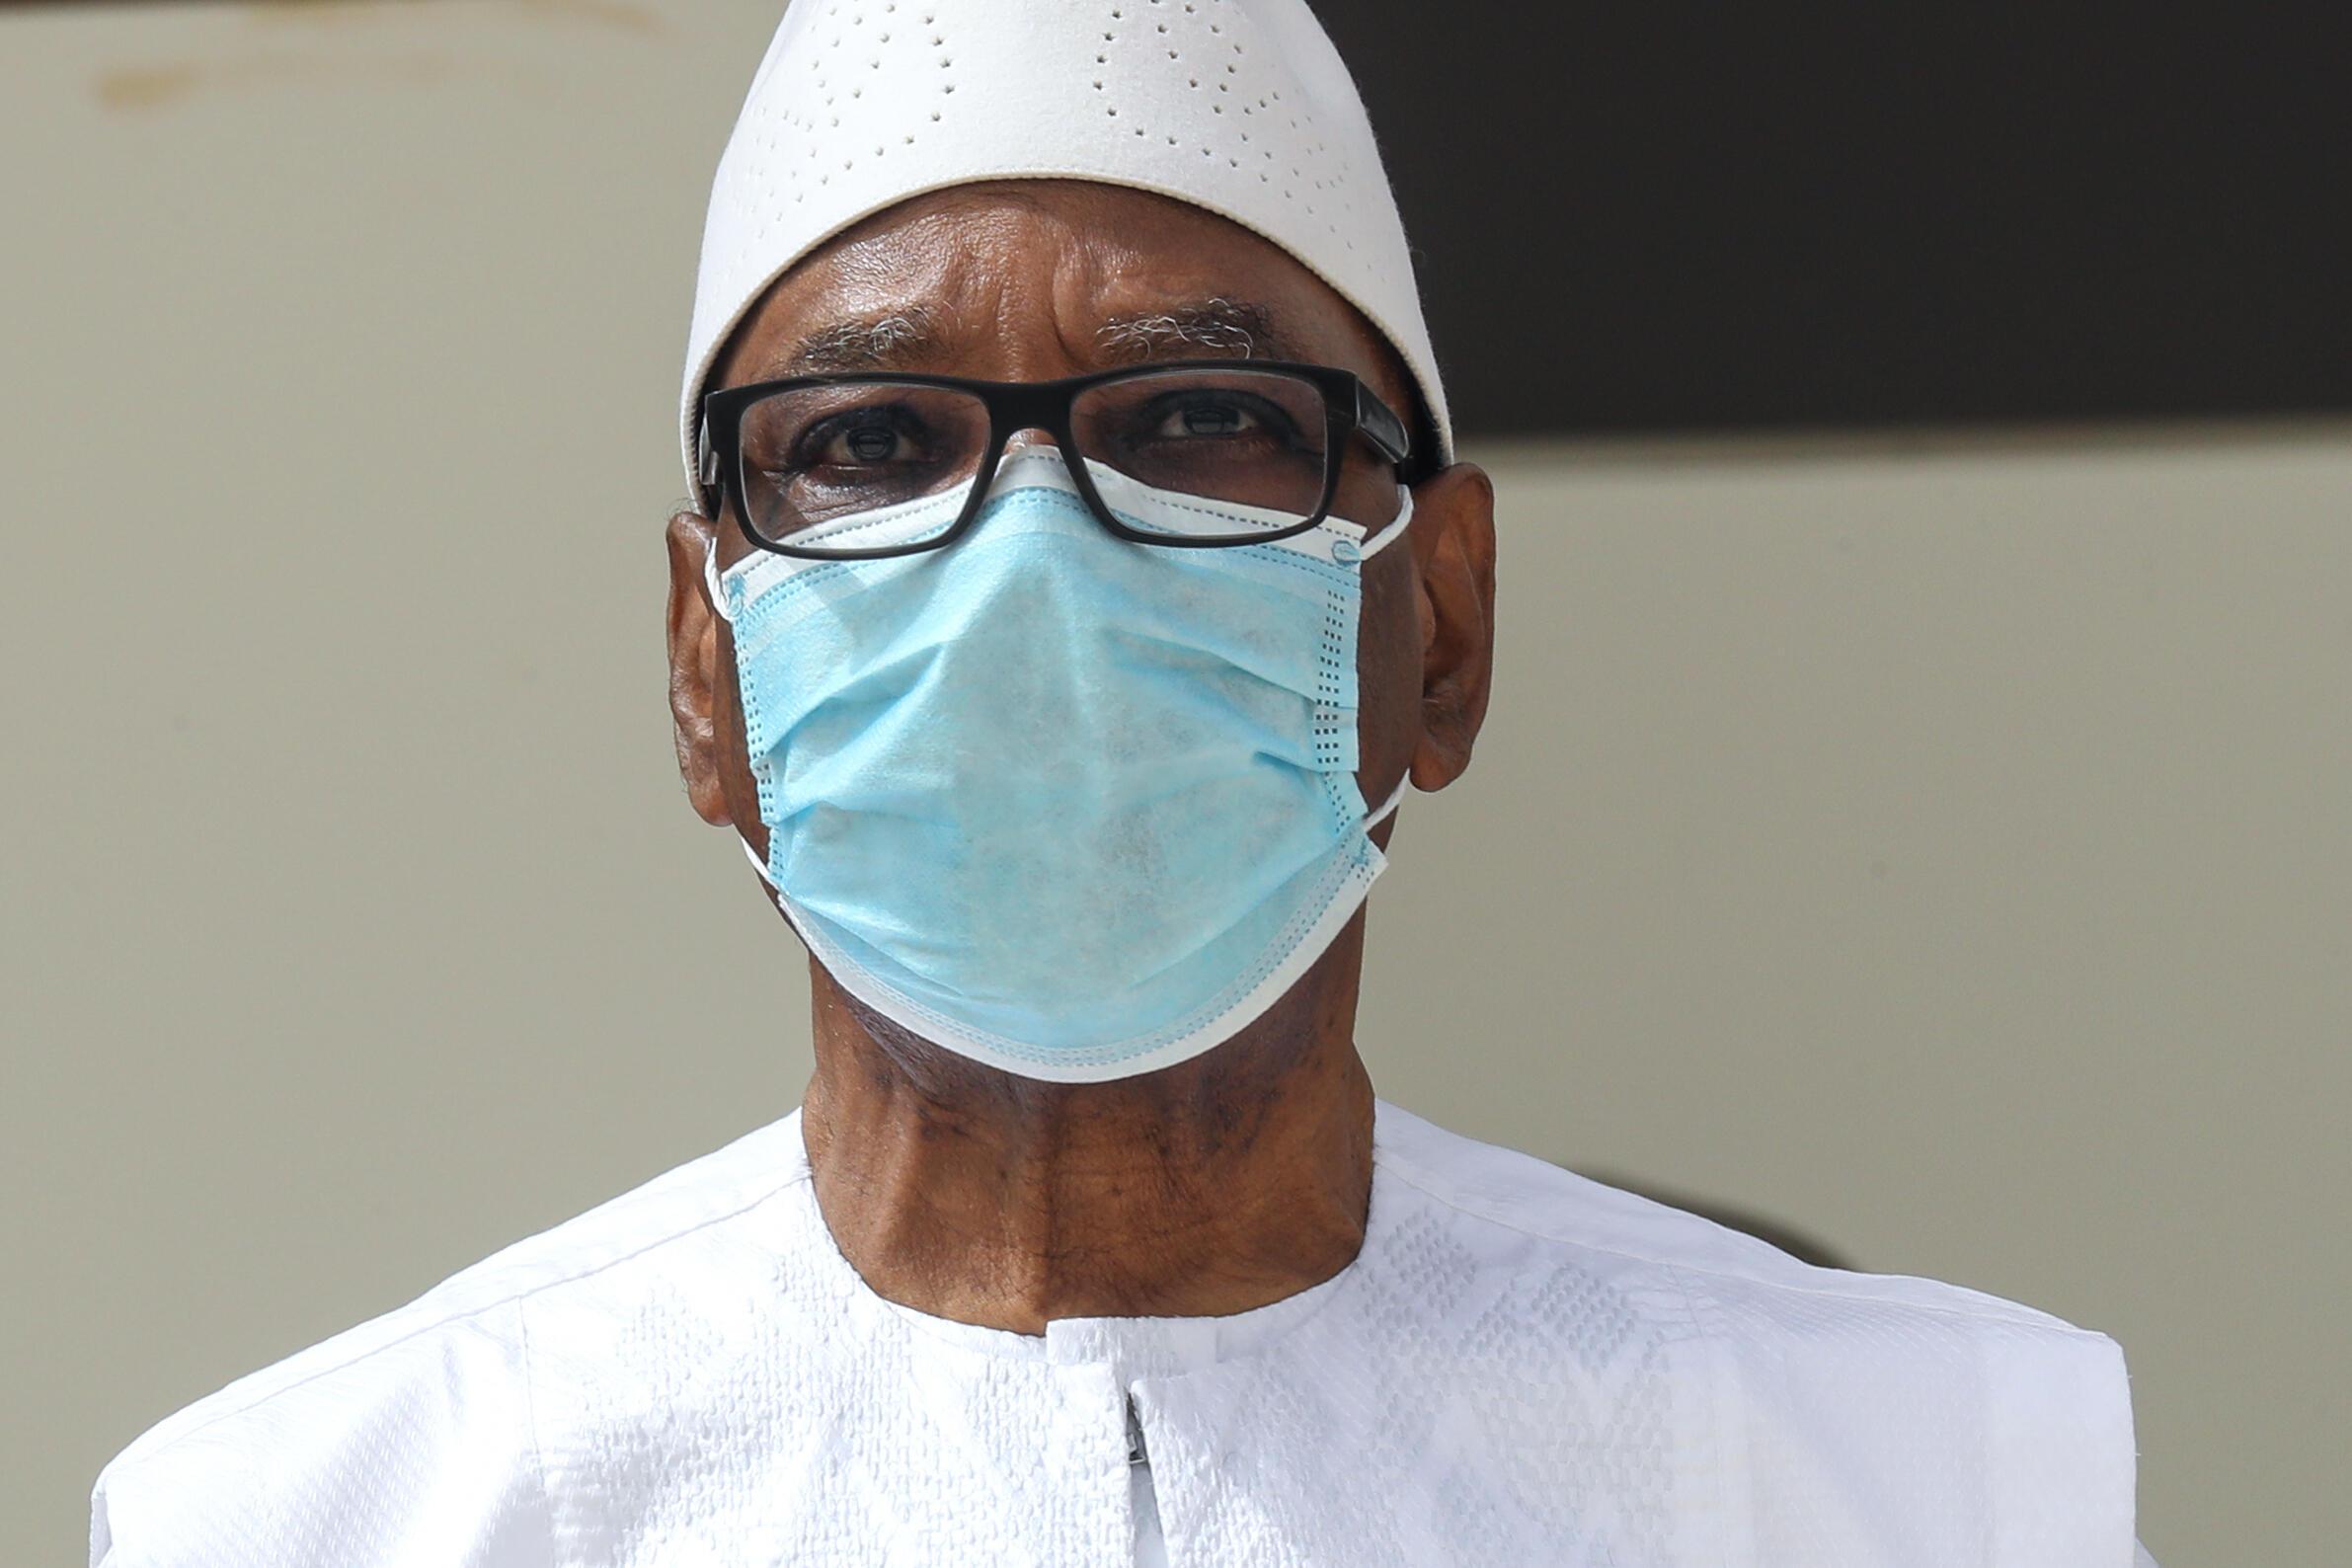 """El derrocado presidente Ibrahim Boubacar Keïta """"está en casa"""", anunció la junta militar en el poder. Aquí, durante una cumbre del G5 Sahel el 30 de junio de 2020, en Nouakchott."""